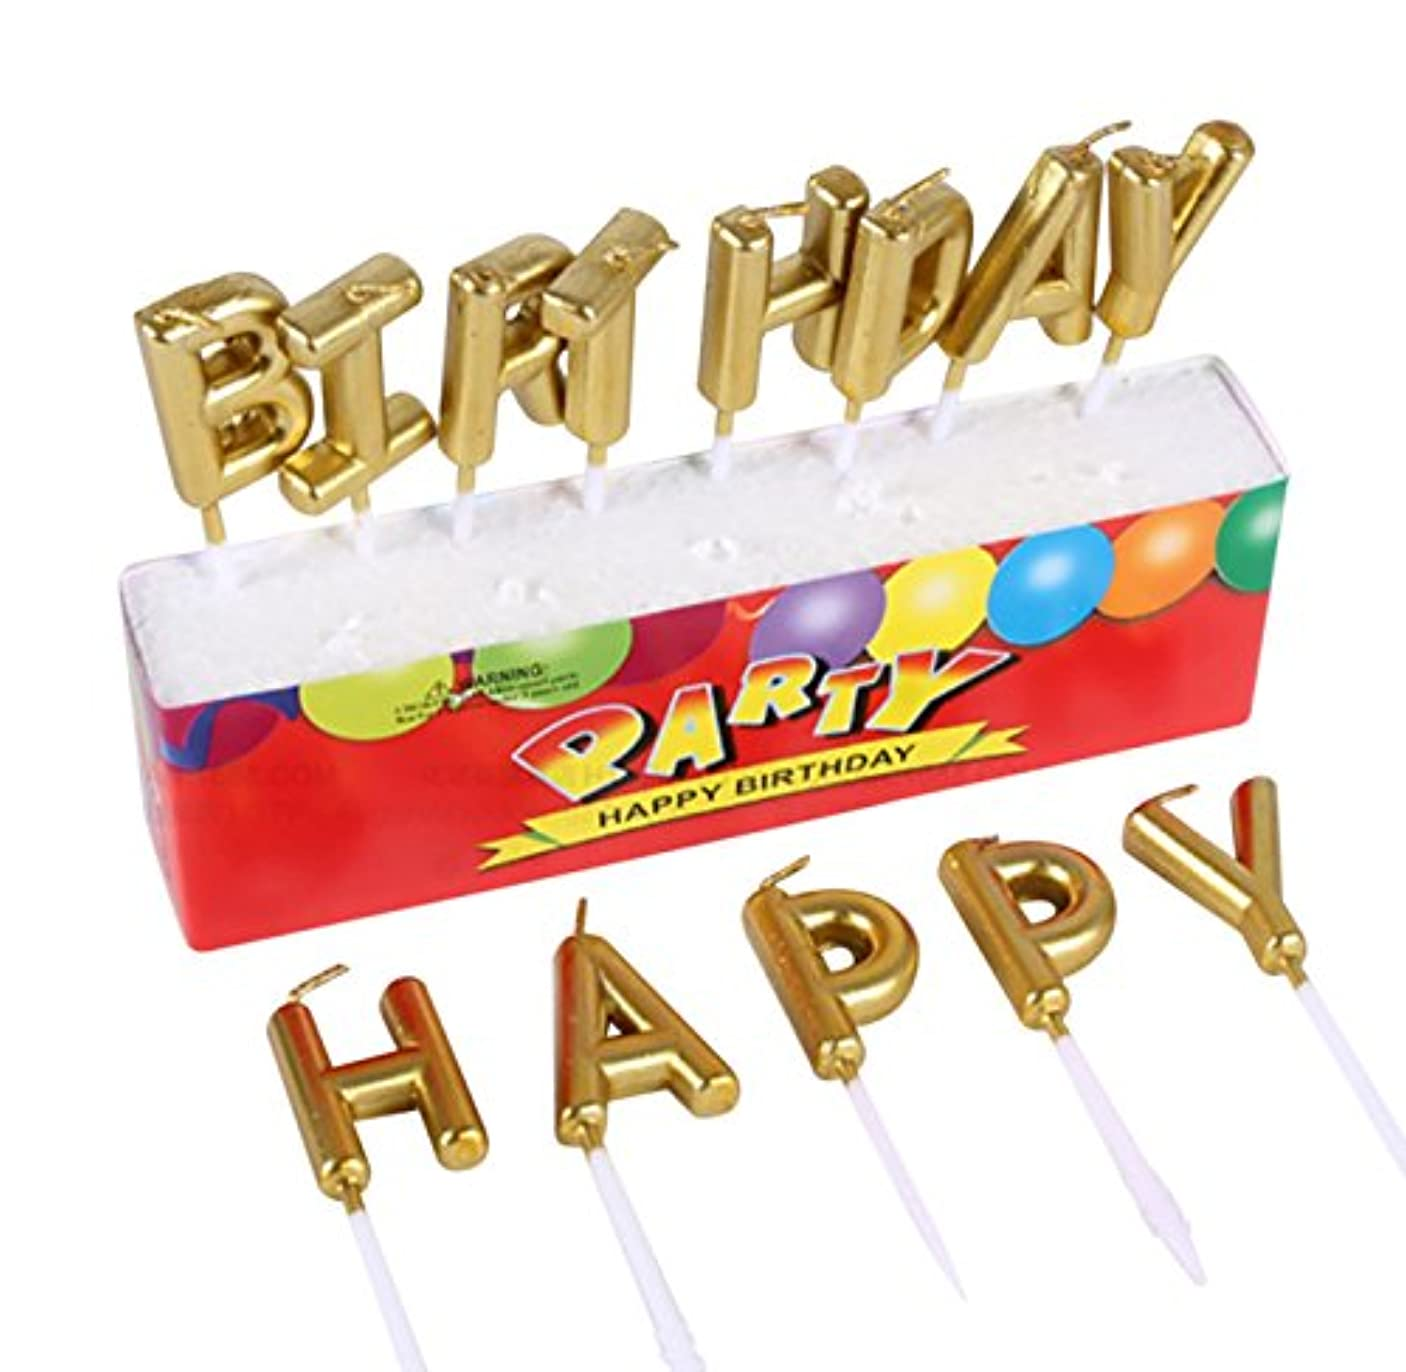 ゆでる不正引用Birthday キャンドル 金色 お誕生日 ハッピー バースデー